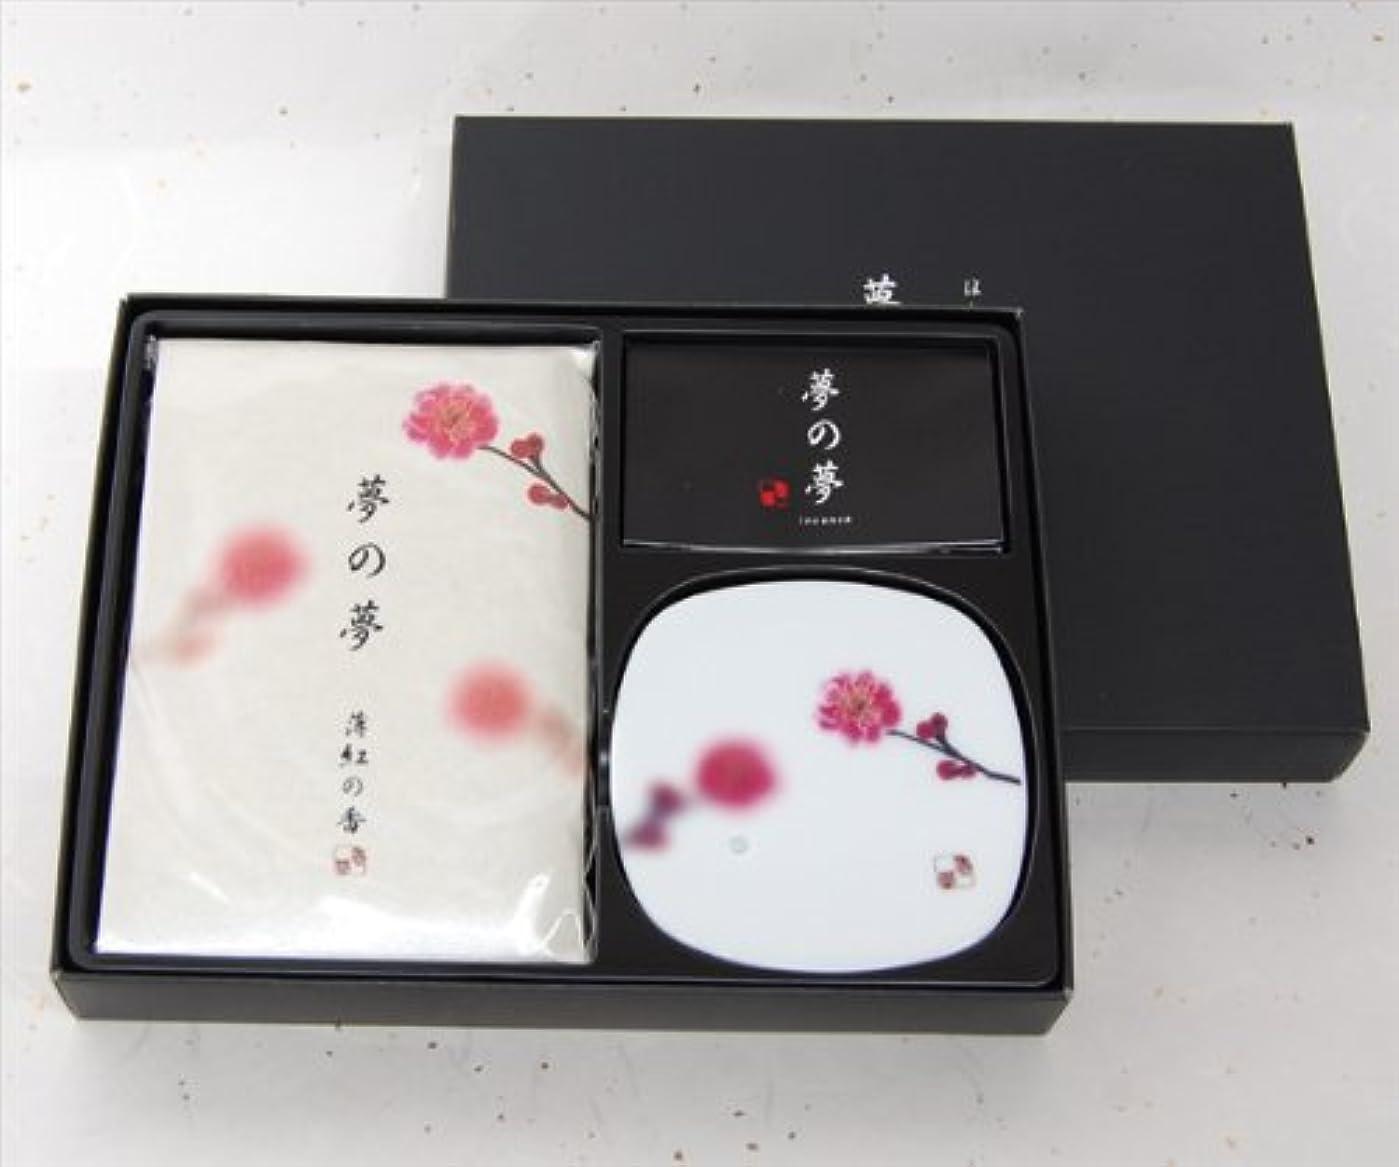 スコットランド人毒性テキスト日本香堂のお香ギフト 薄紅の香 【お香+香皿】